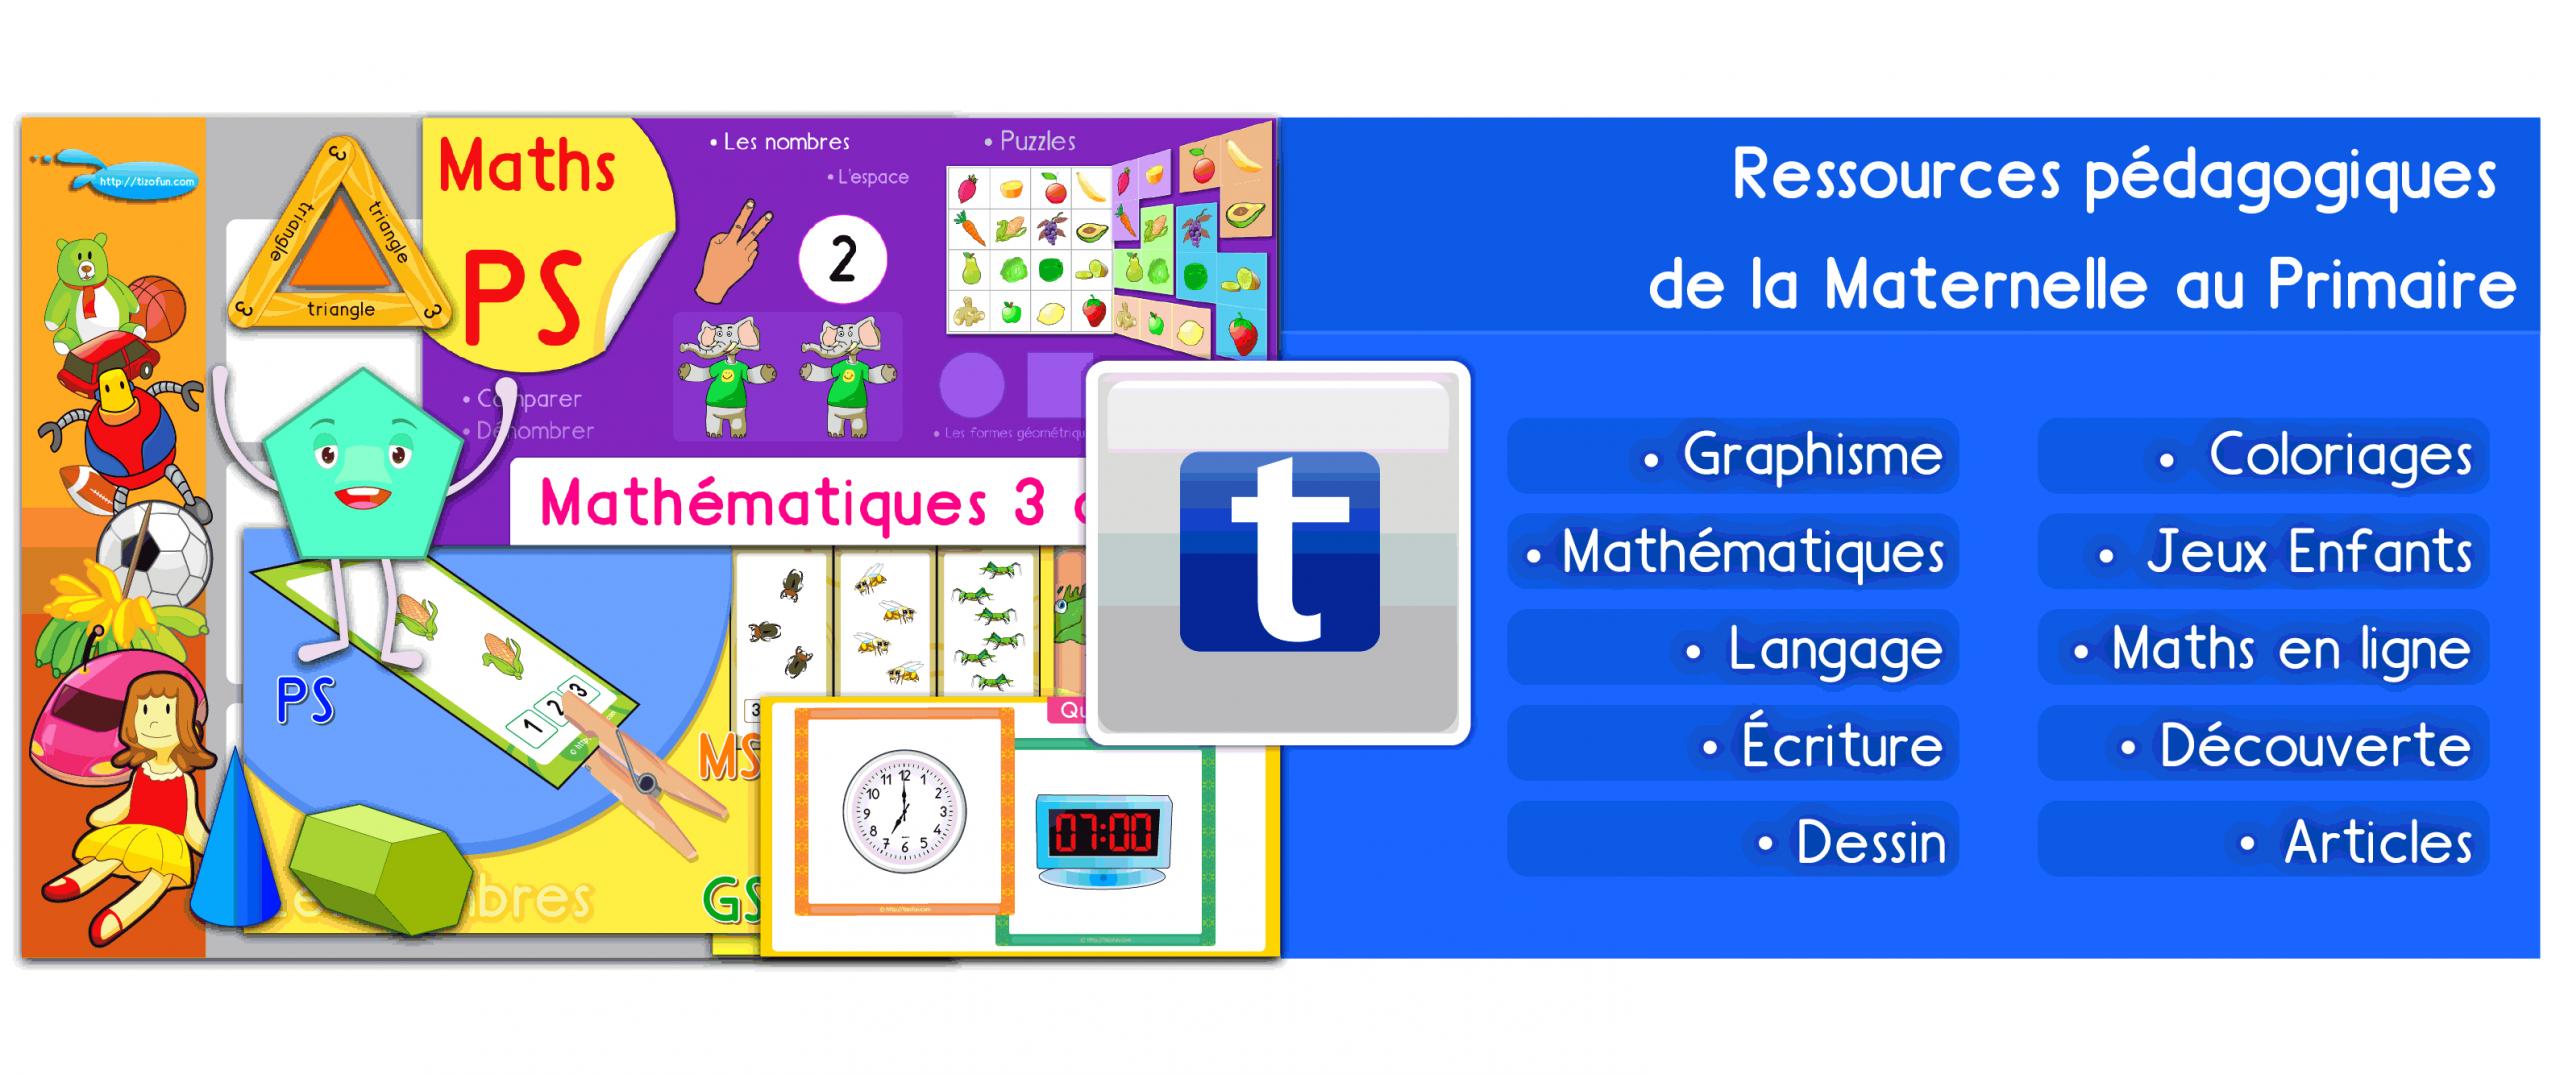 Soutien Scolaire Site Éducatif Pour La Formation Des Enfants destiné Logiciel Éducatif En Ligne